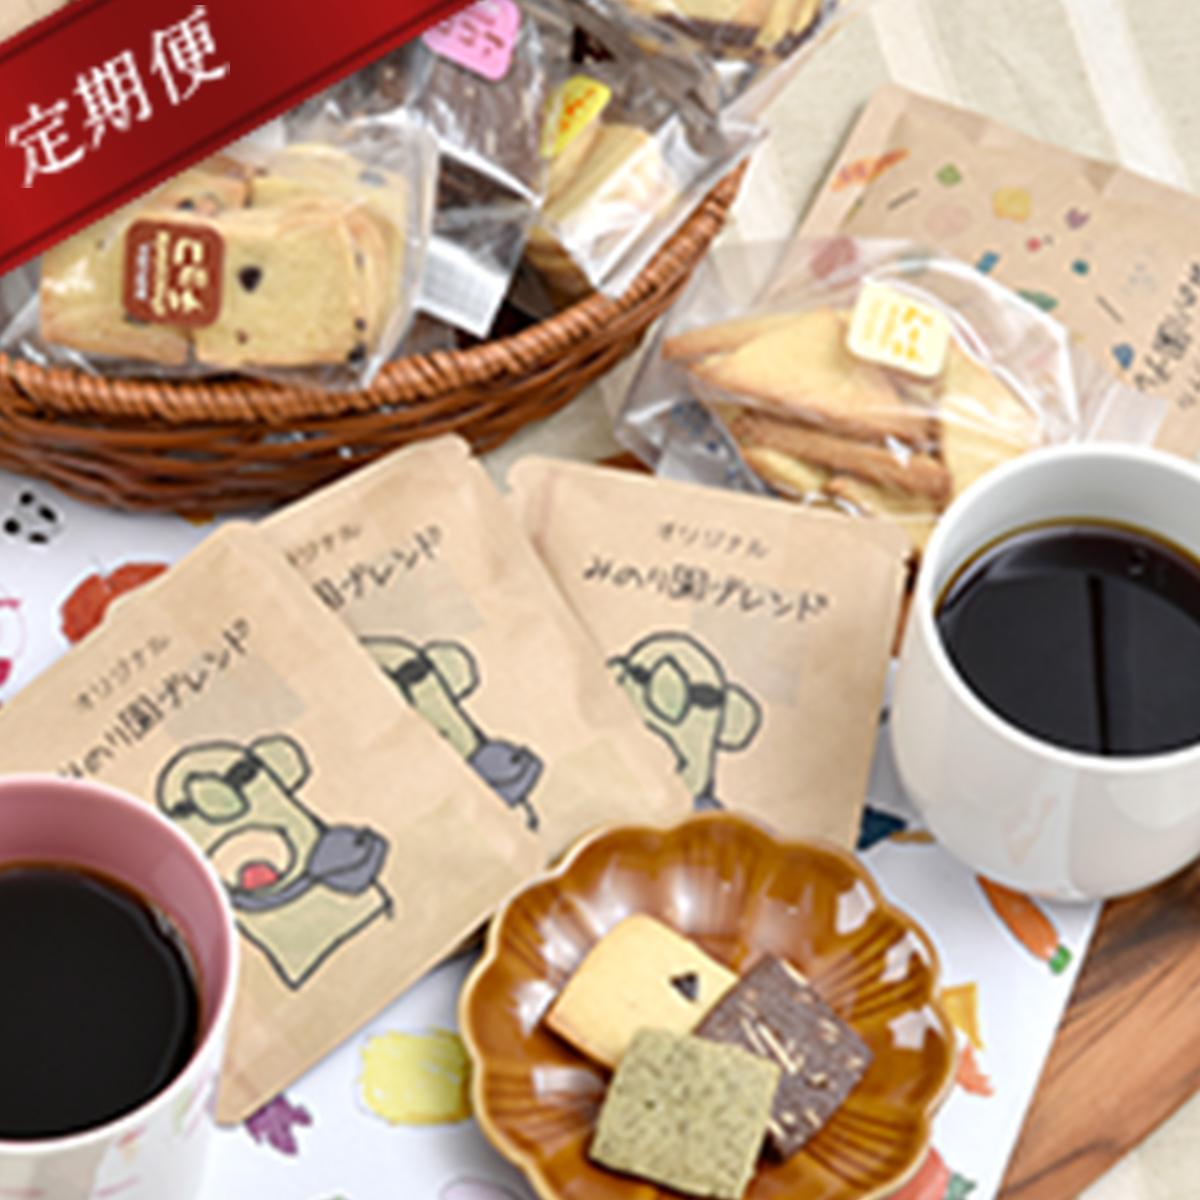 【ふるさと納税】みのり園の「手作りクッキー」とフリゴレスの「クラフトコーヒー」満喫セット(クッキー8袋 +自家焙煎ドリップバッグ8袋)x5回お届け!